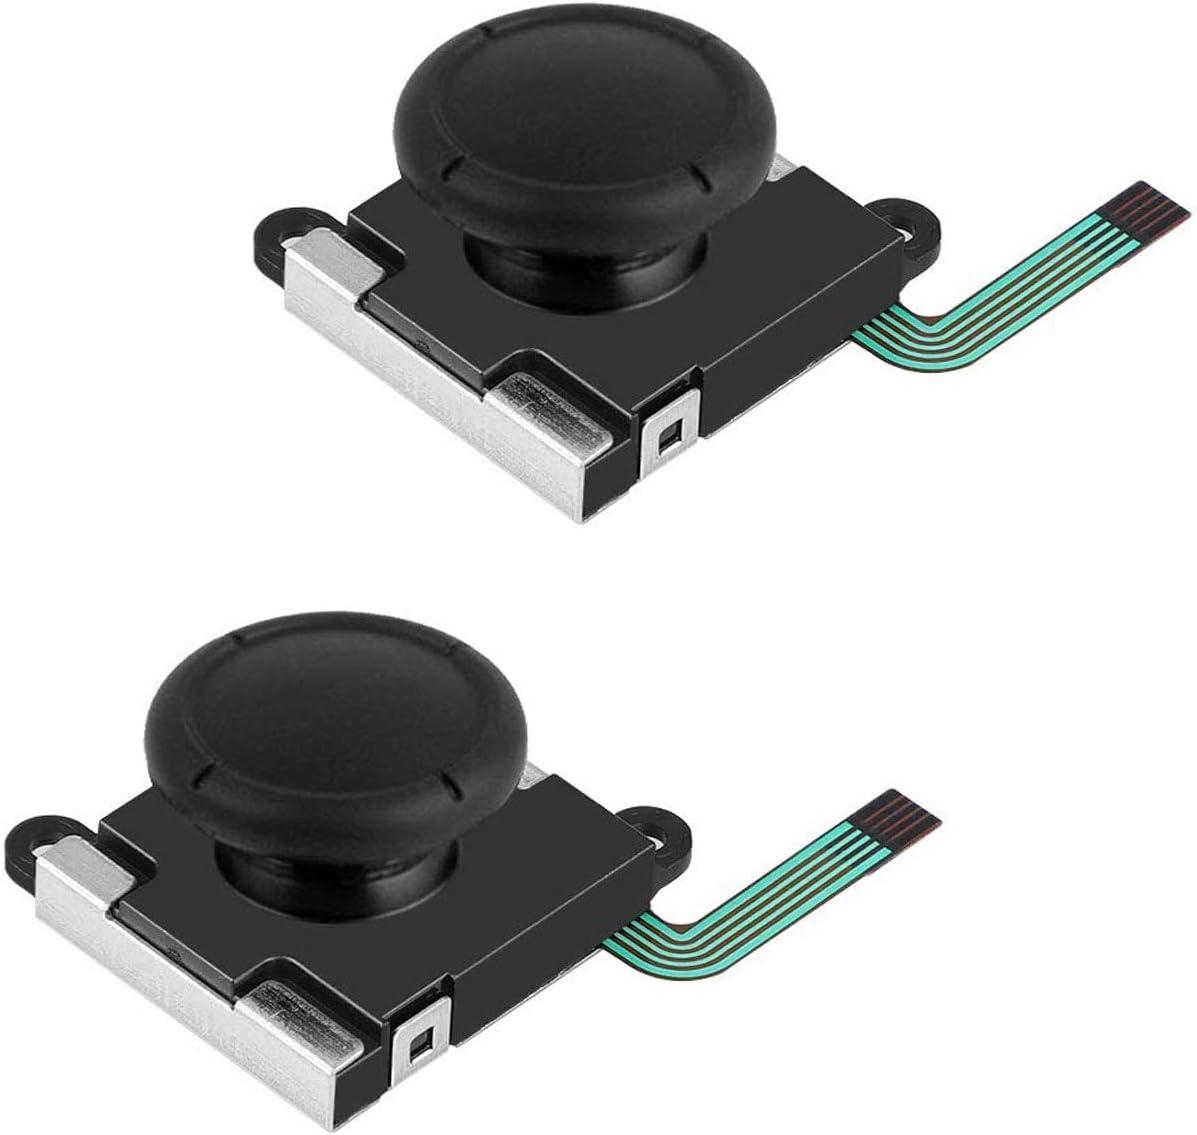 EEEKit 2-Pack de reemplazo Botón analógico 3D Palanca del Pulgar Palanca de Mando Joystick Rocker para Nintendo Switch Controlador Joy-con NS Joypad